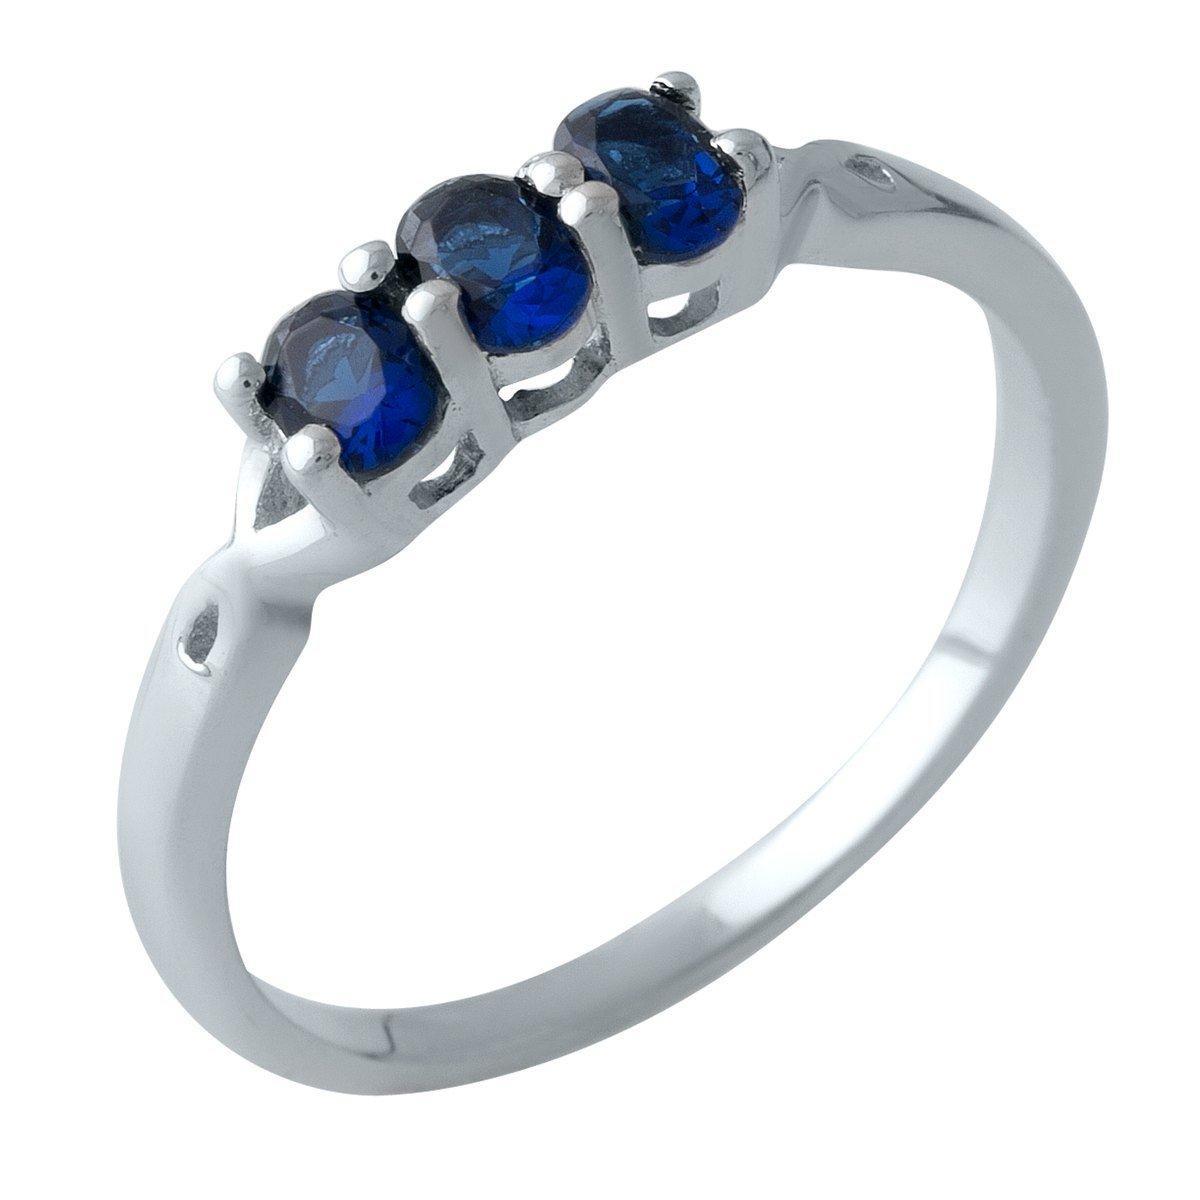 Серебряное кольцо DreamJewelry с сапфиром nano (2001010) 18 размер